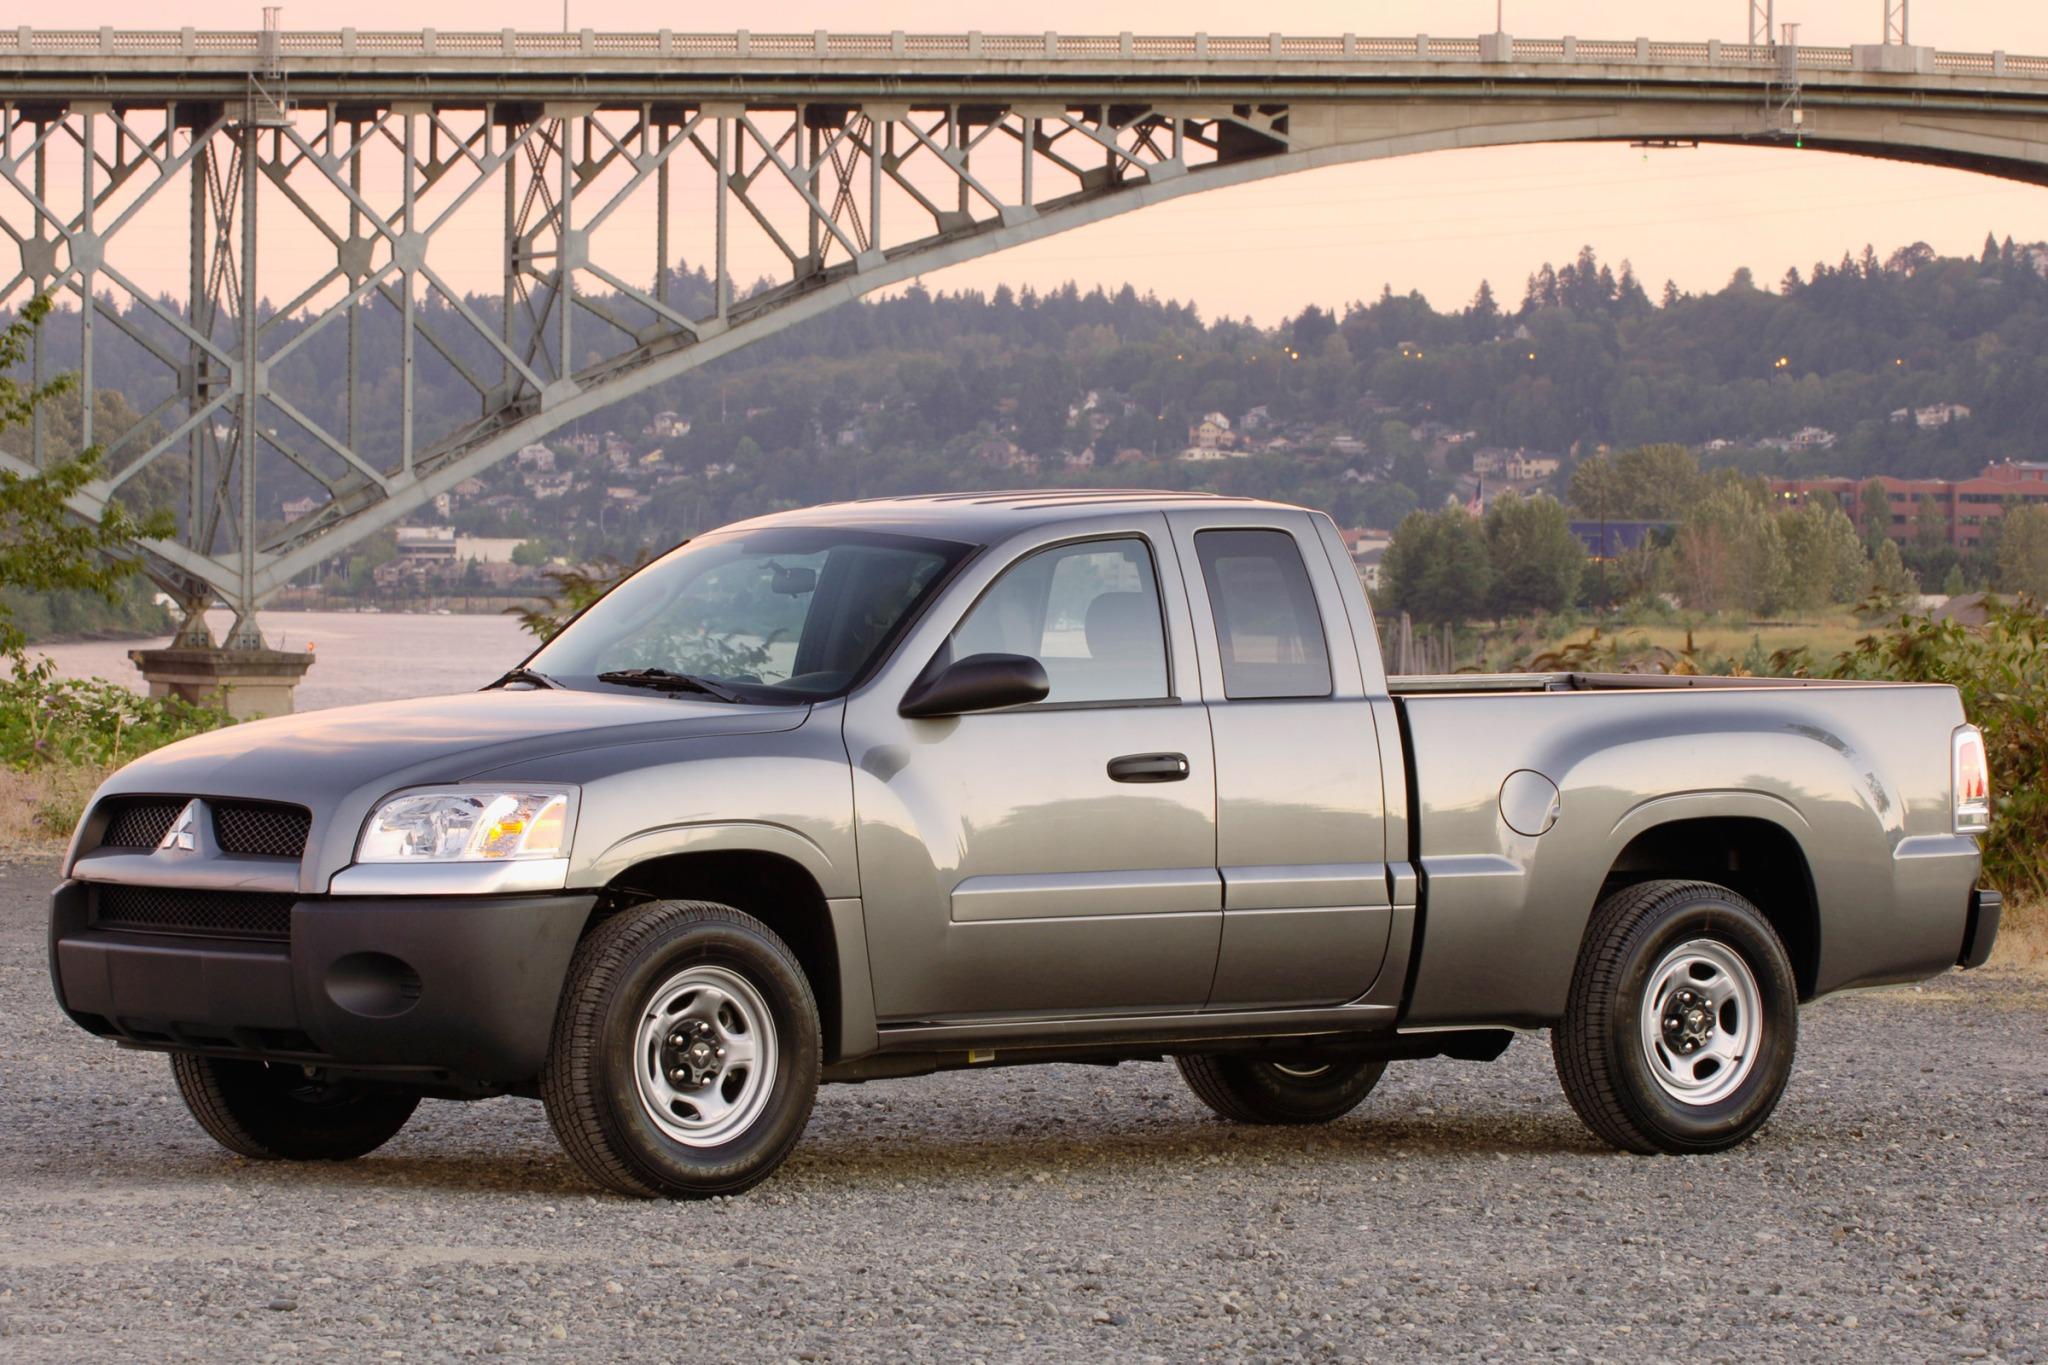 2007 Mitsubishi Raider #1 2007 Mitsubishi Raider Du exterior #1